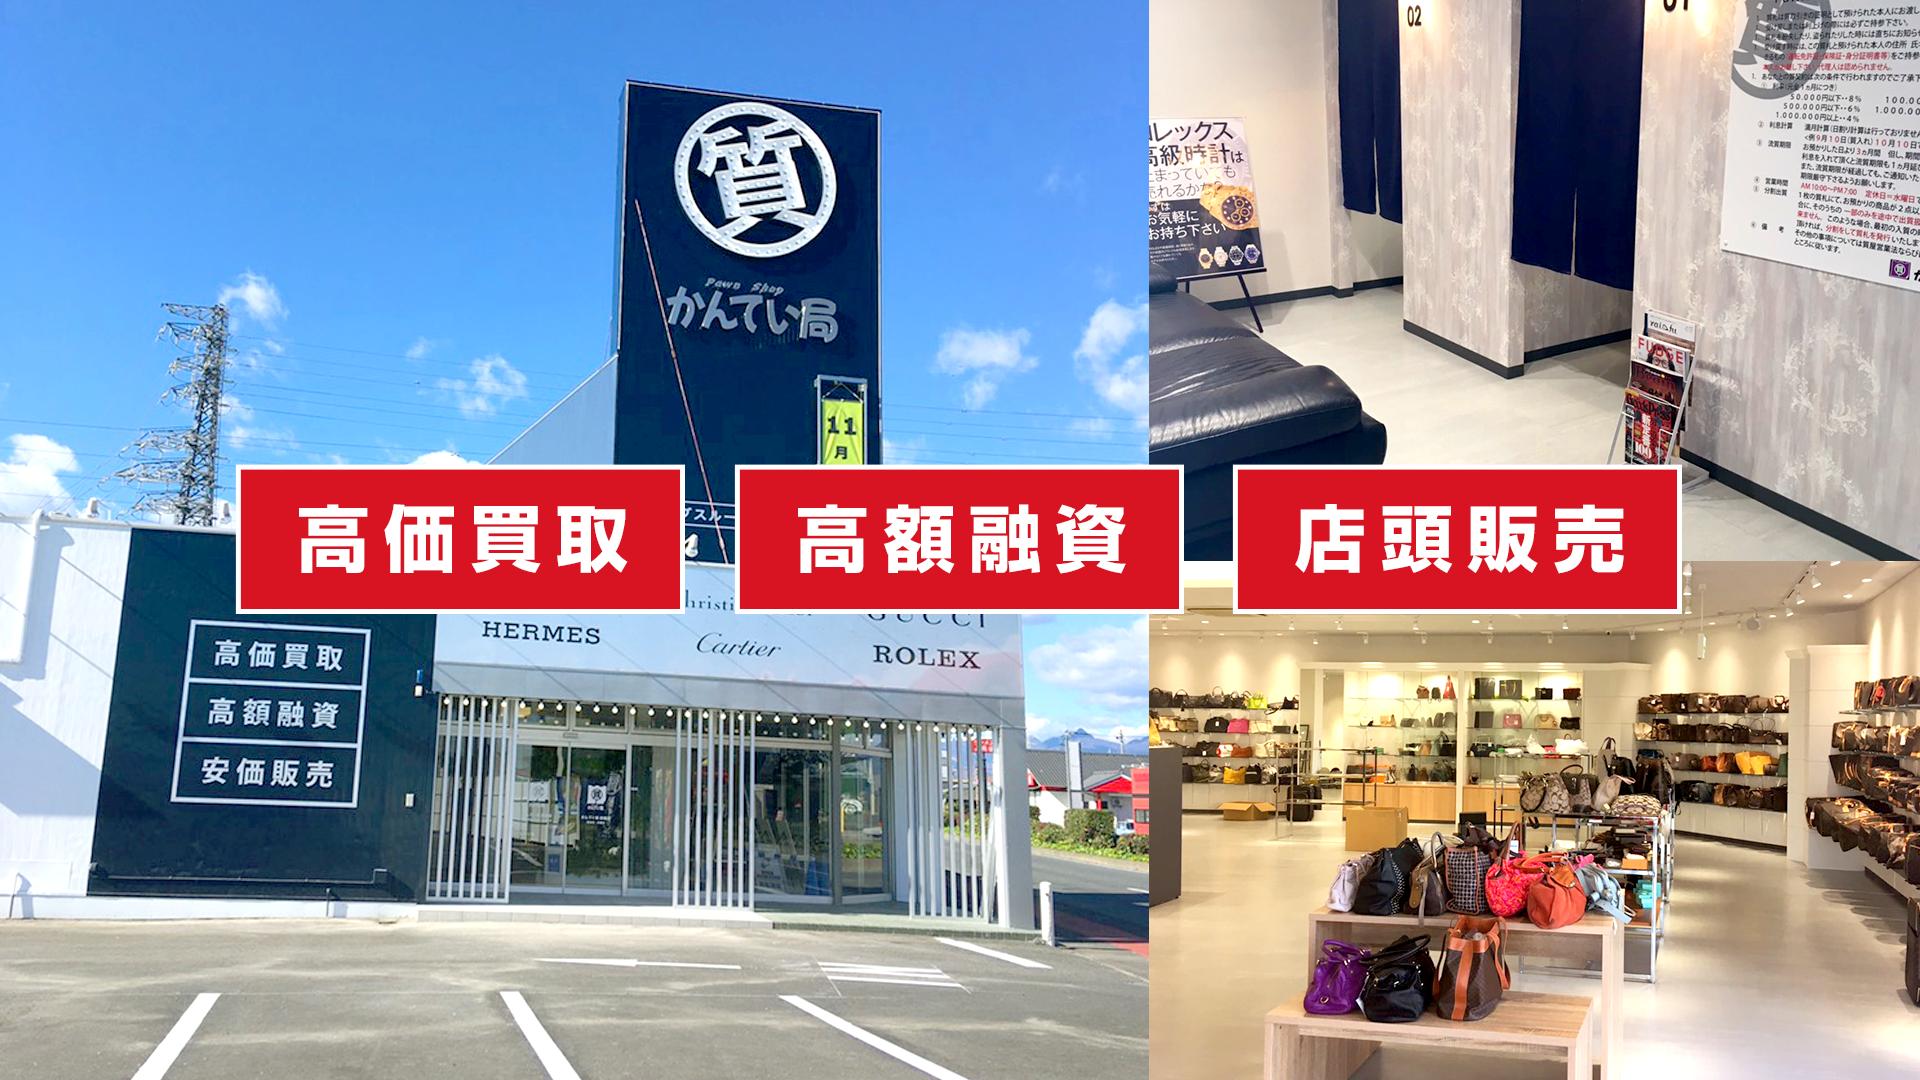 質屋かんてい局前橋店:メインイメージ